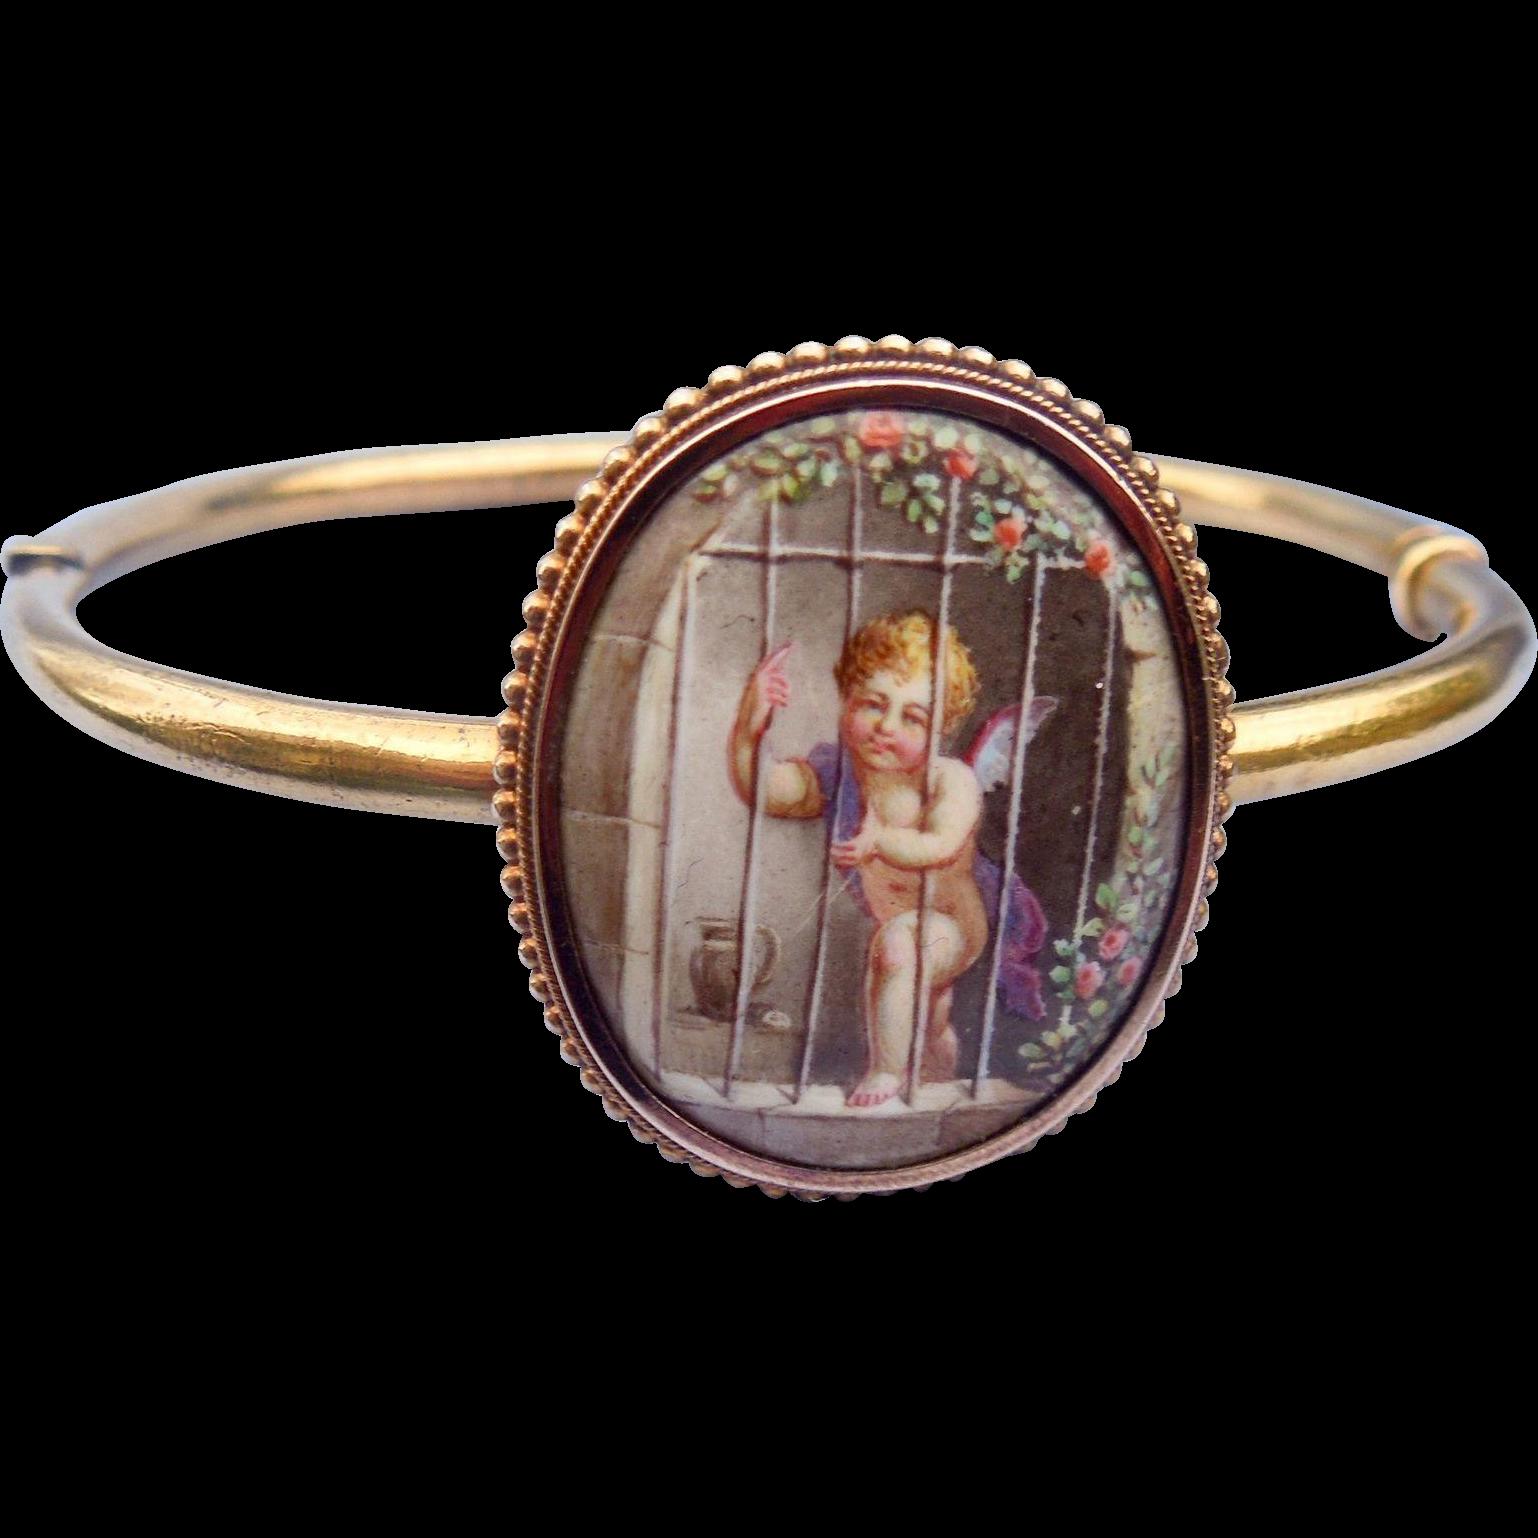 15 ct, Enameled Cupid Bangle Bracelet